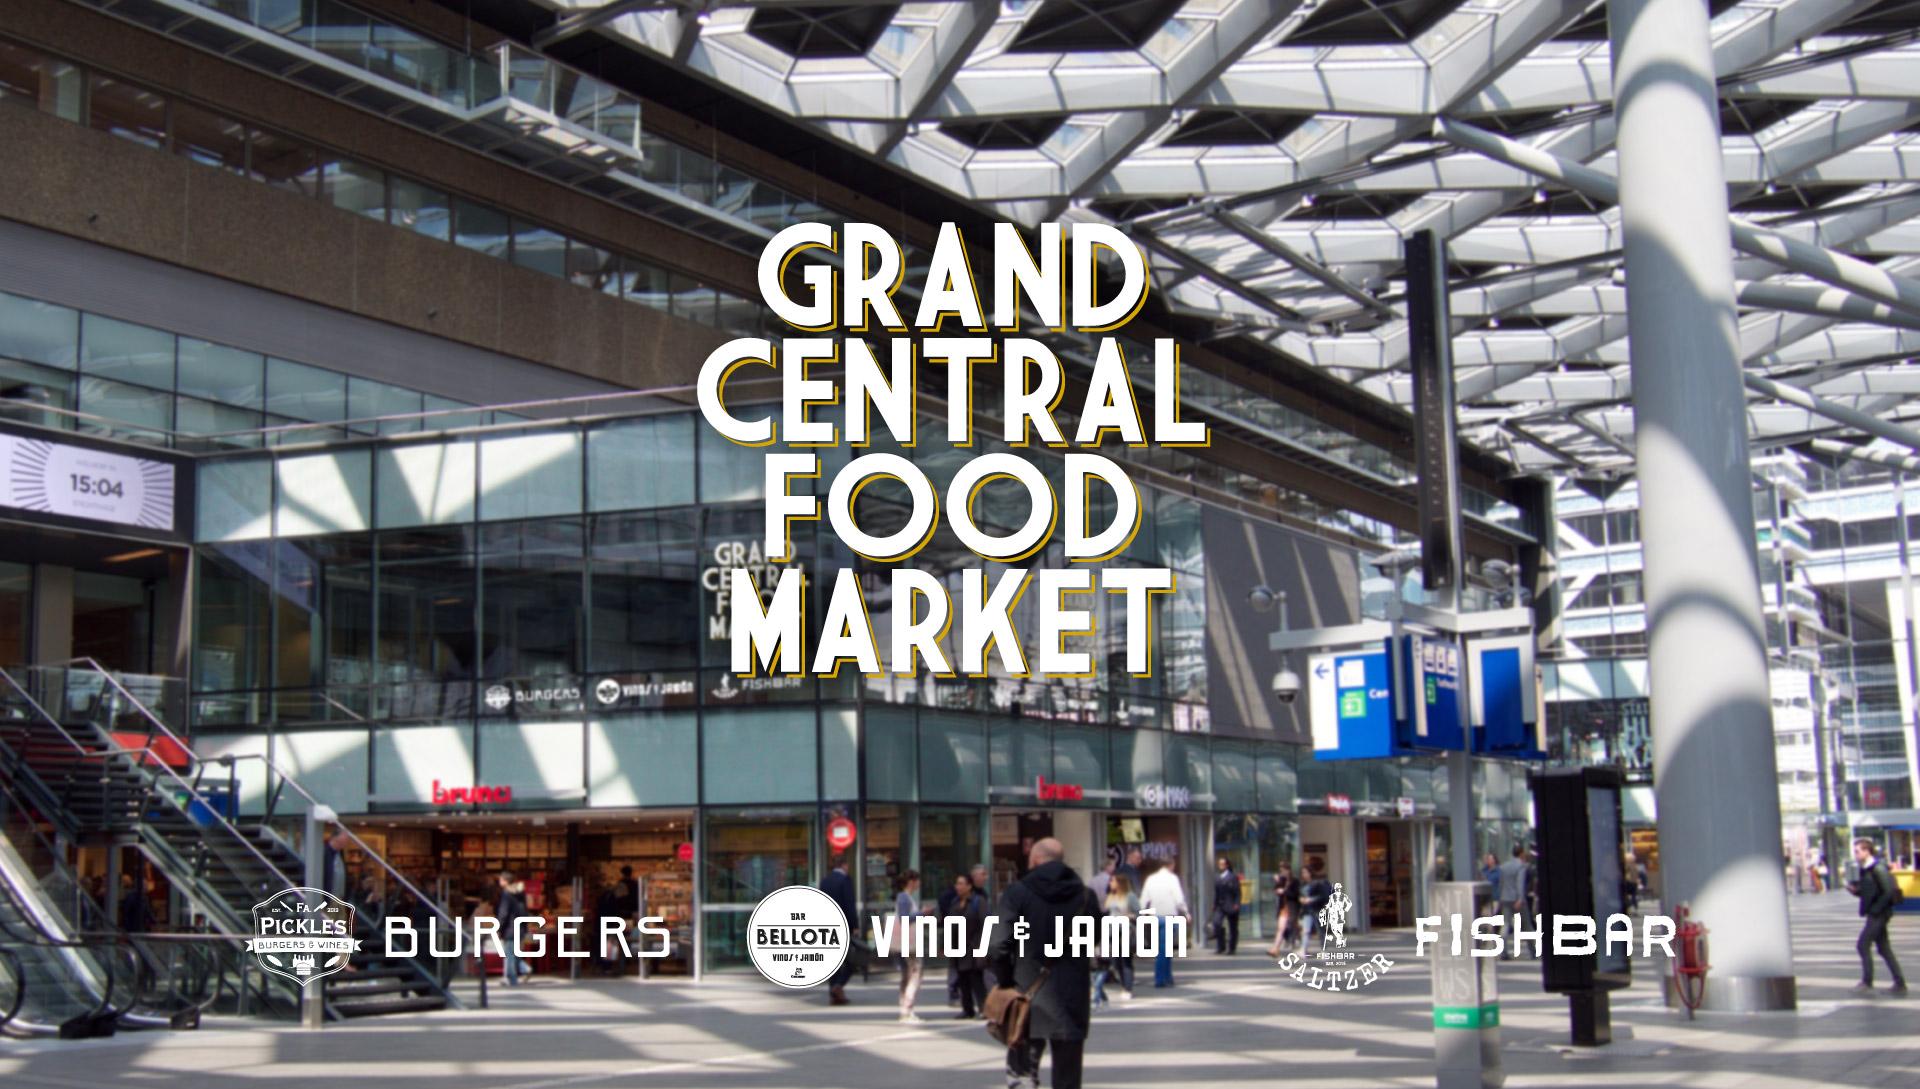 Grand central food market interieur ontwerp bar for Interieur horecazaken